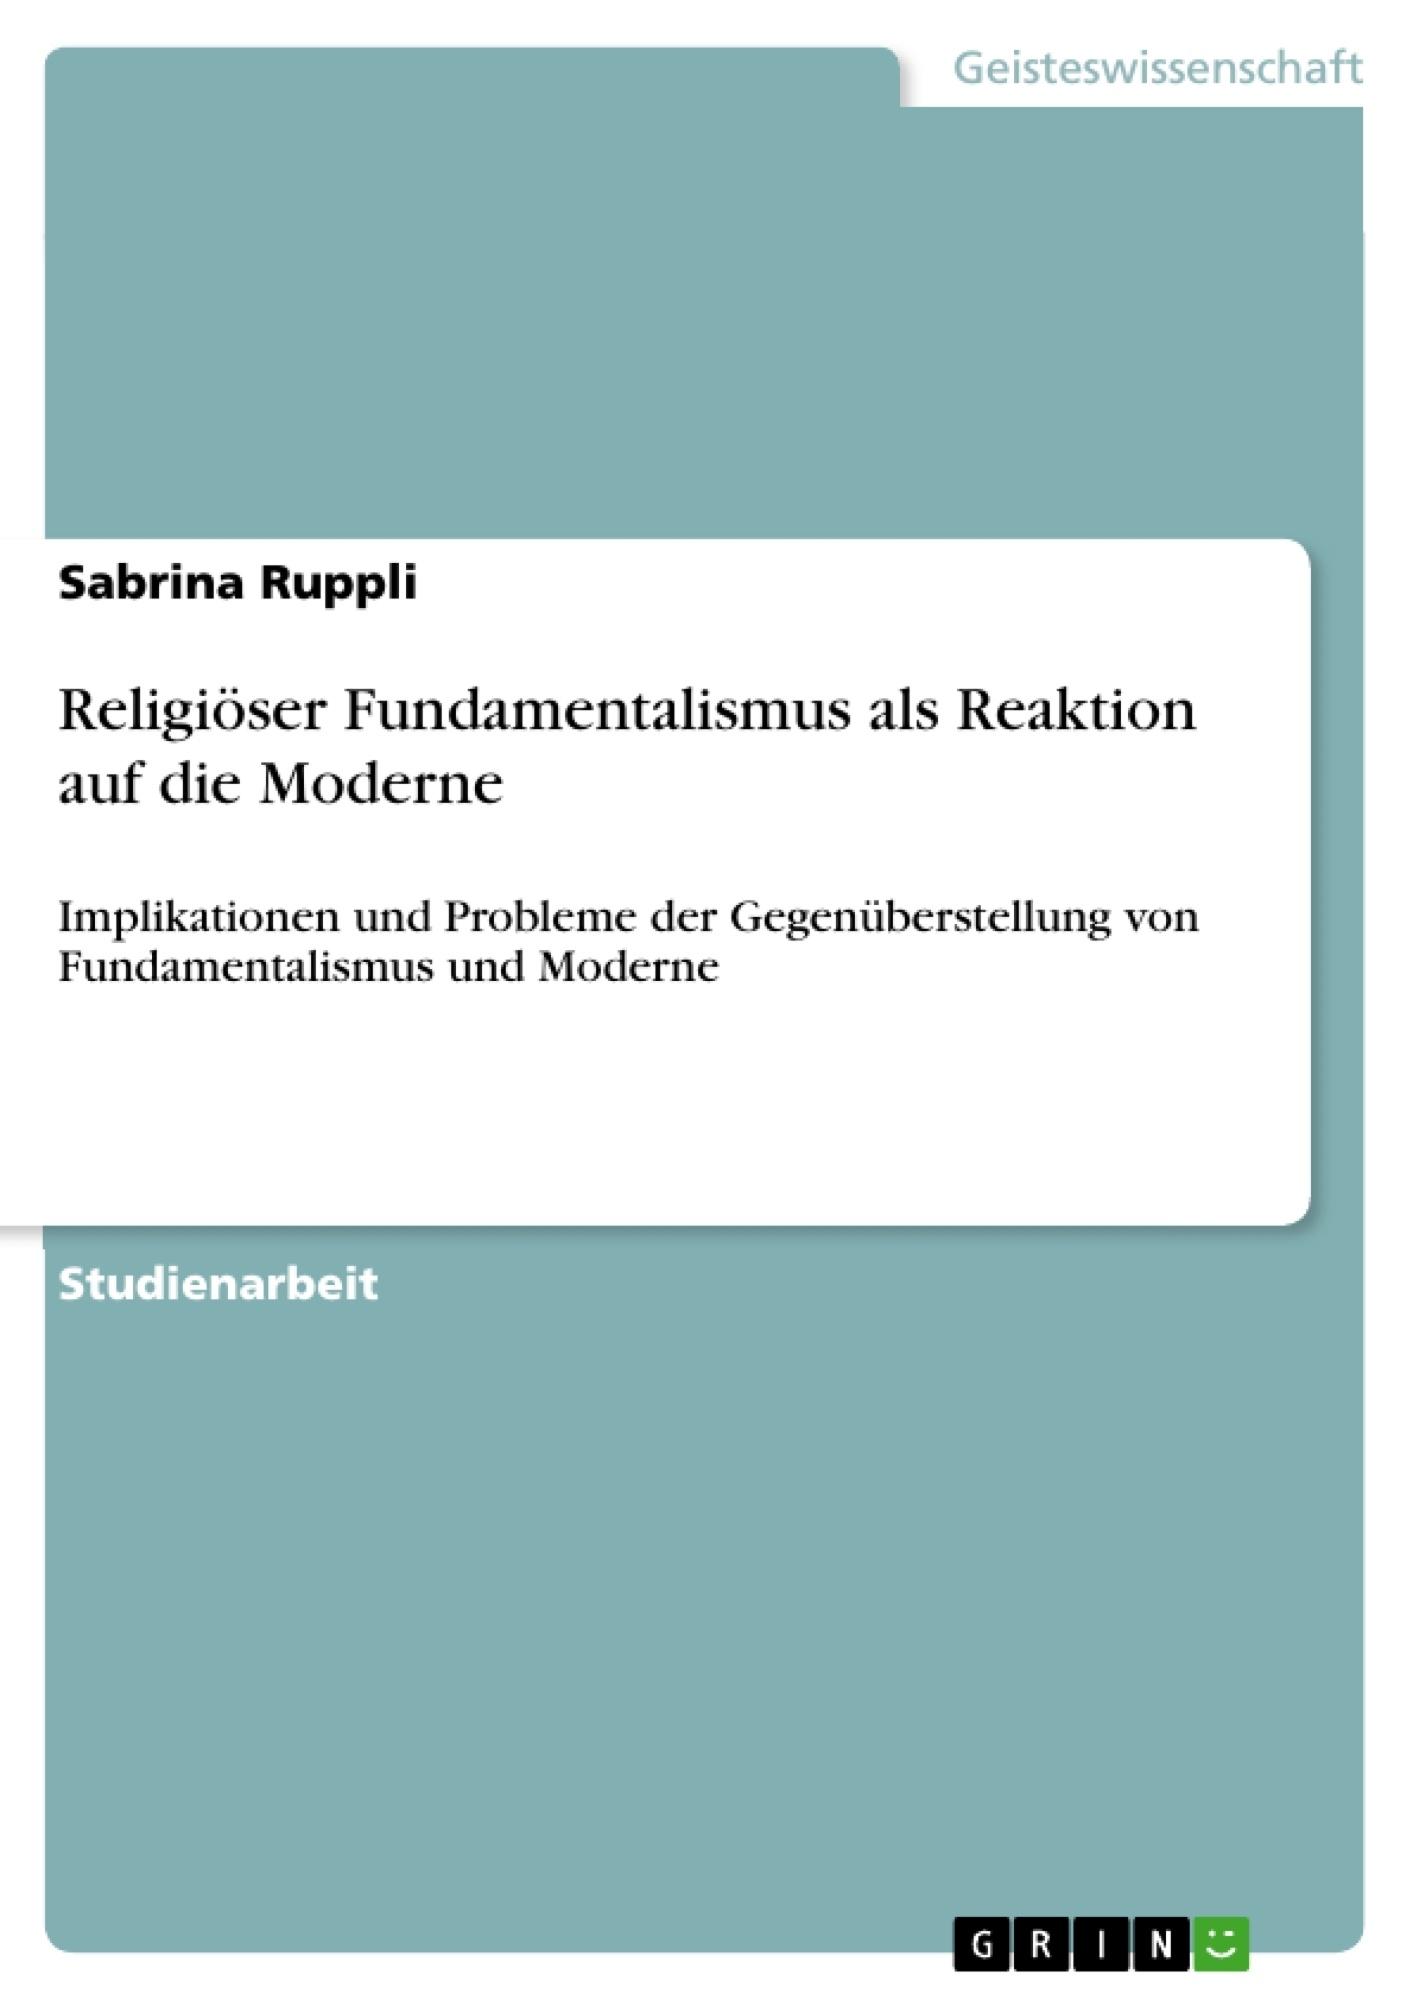 Titel: Religiöser Fundamentalismus als Reaktion auf die Moderne